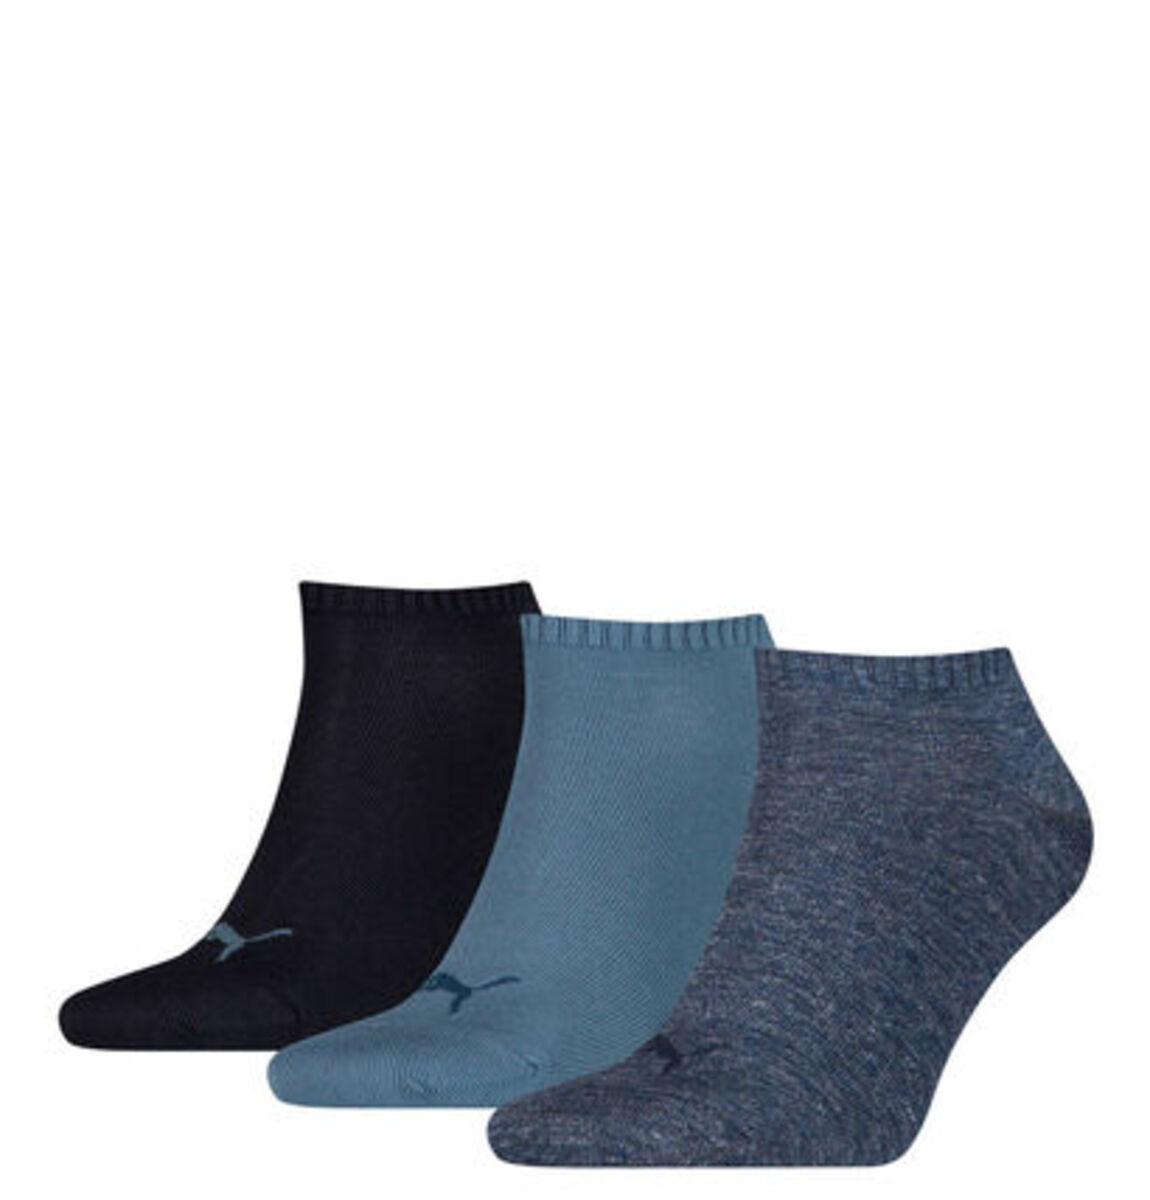 Bild 1 von Puma Sneaker-Socken, 3er-Pack, Baumwoll-Mix, uni